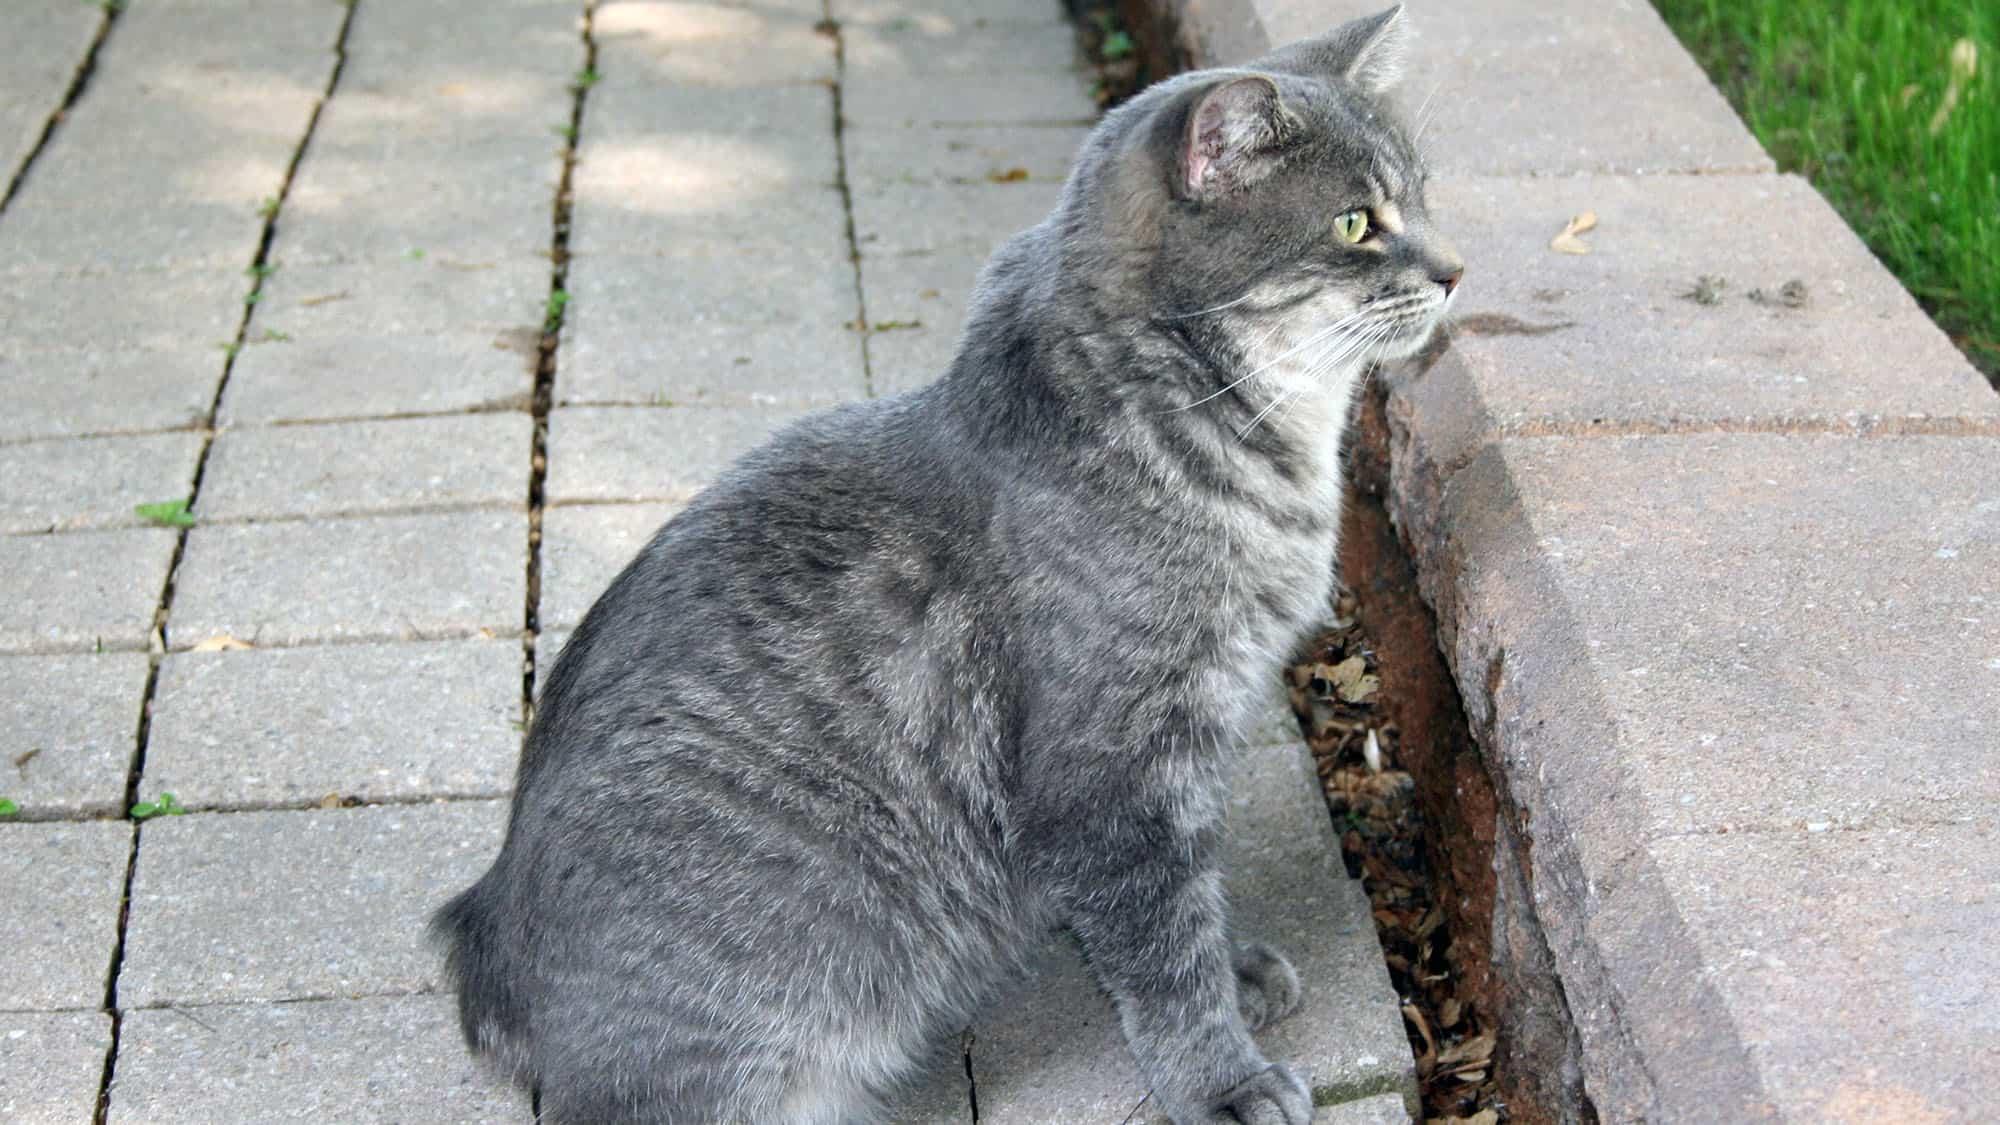 Manx cat - 2